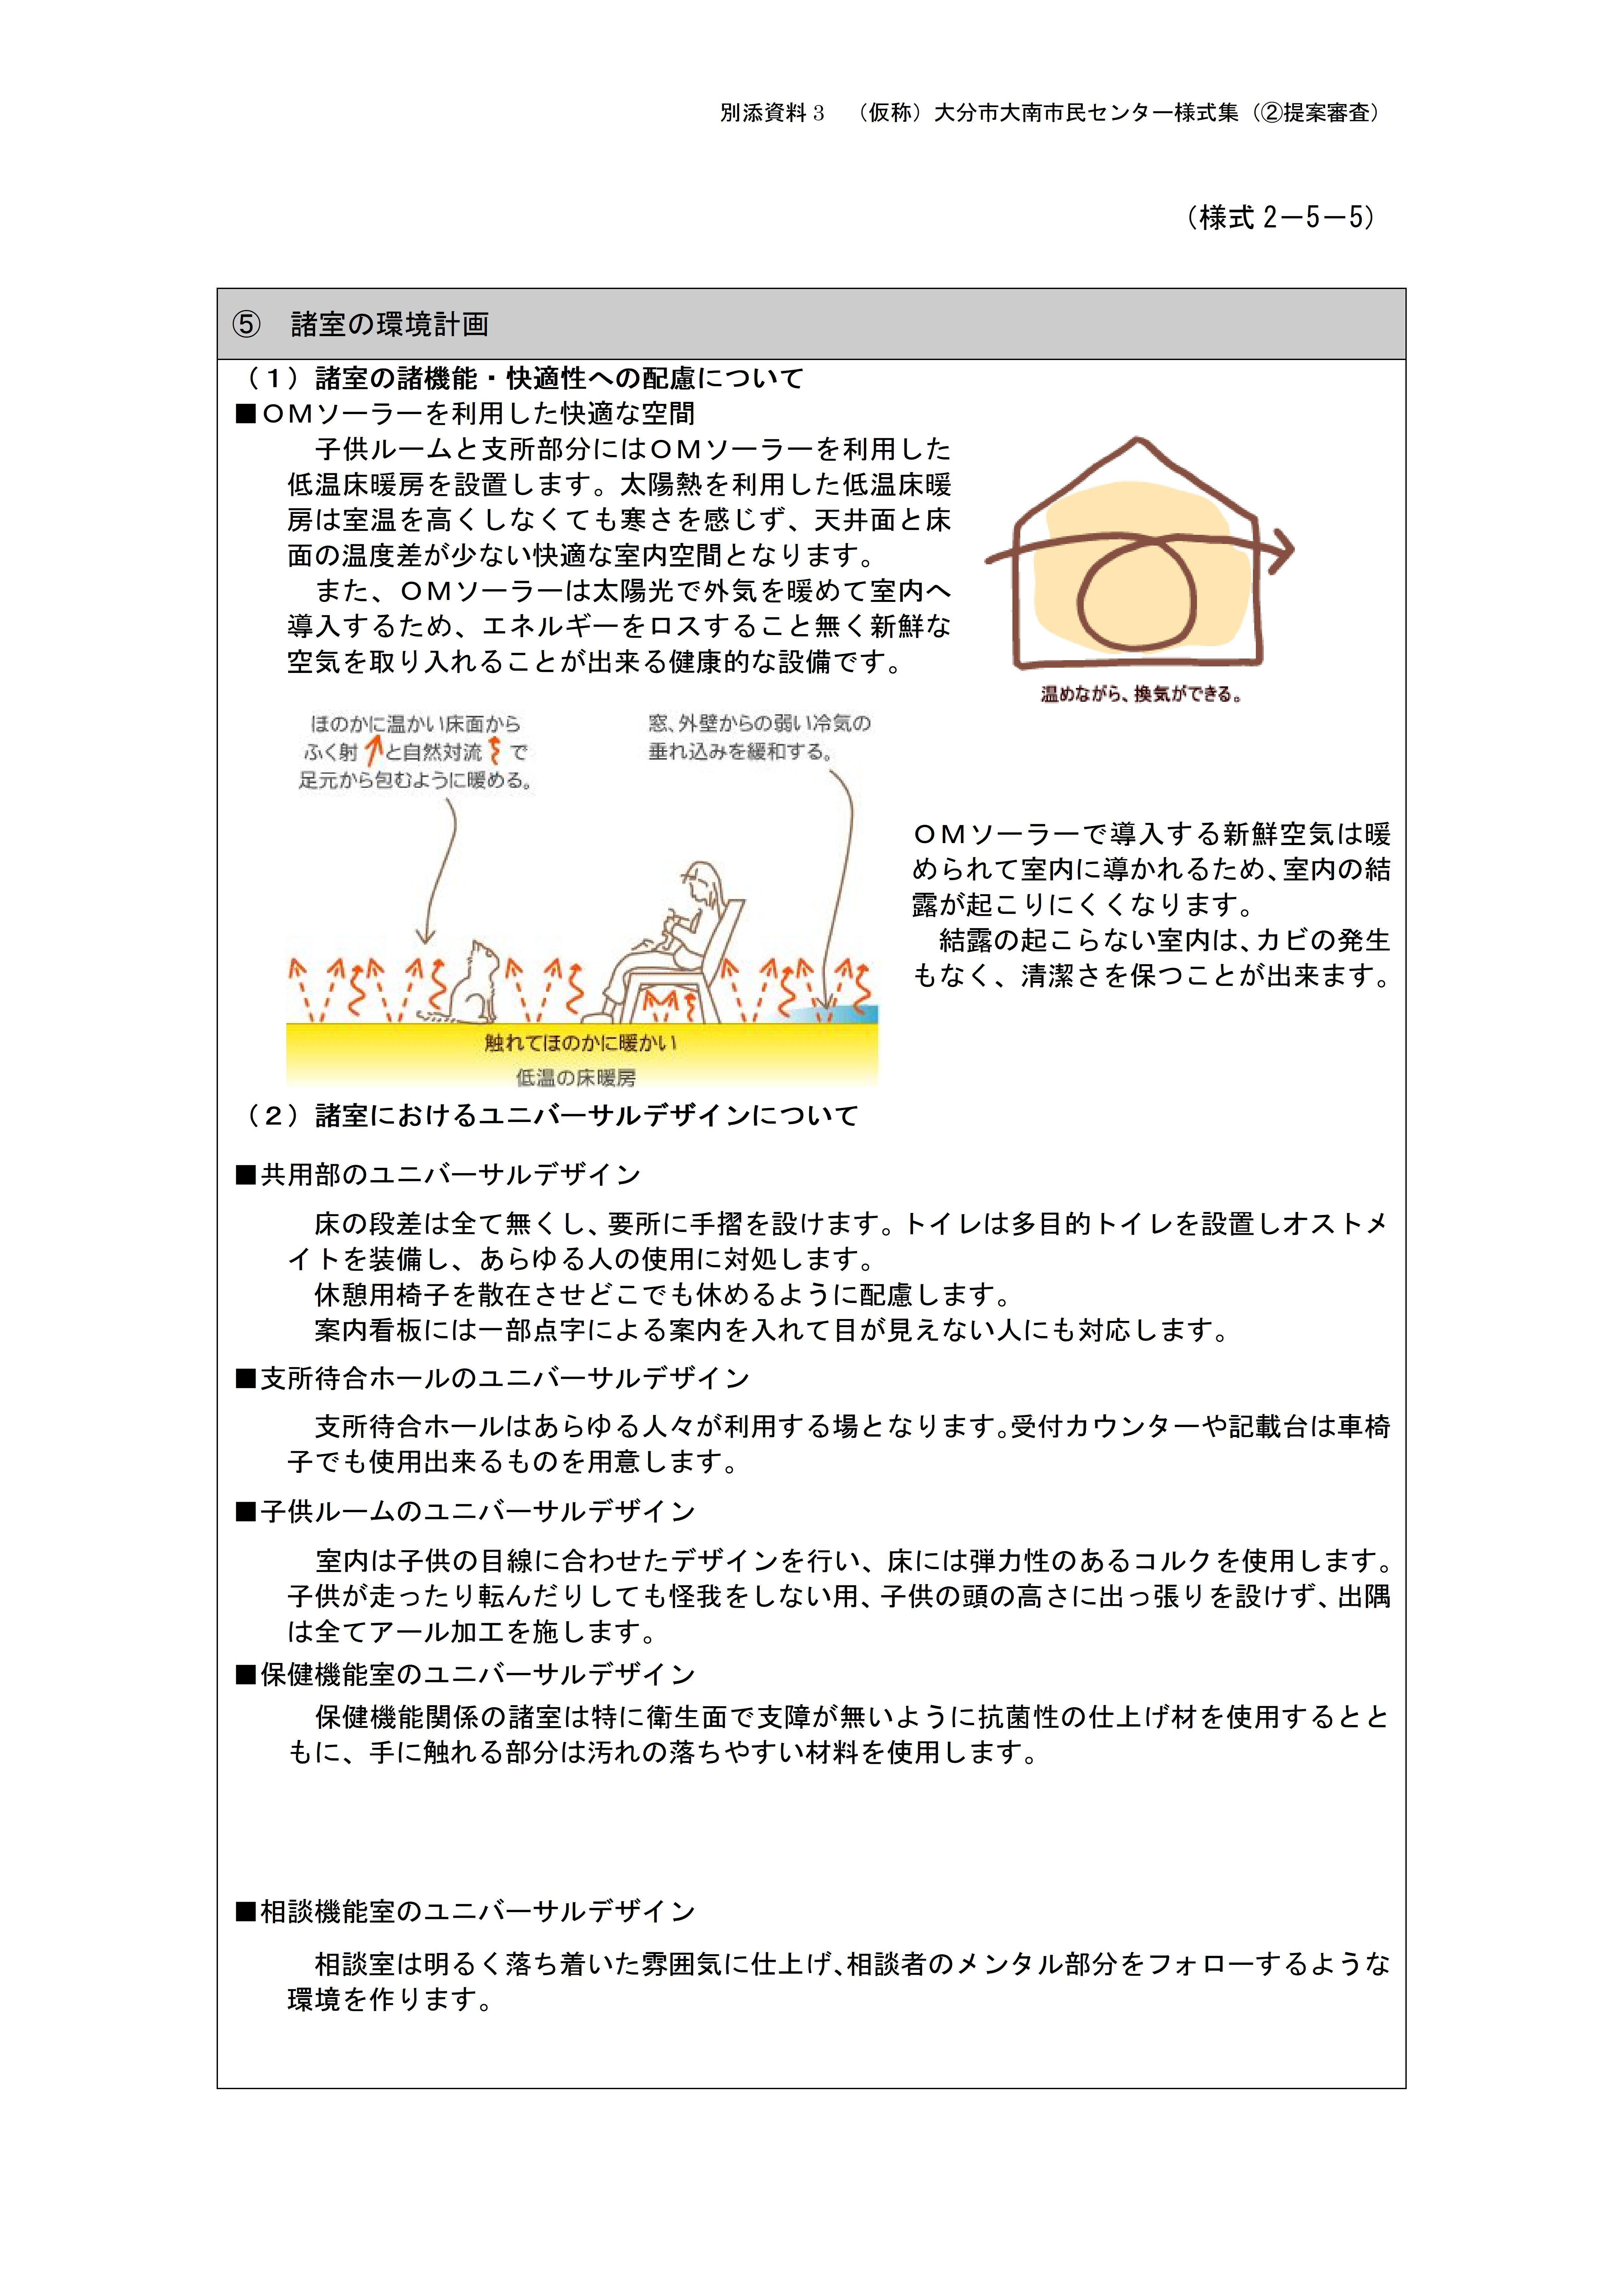 18 設計提出書類(最終)-9